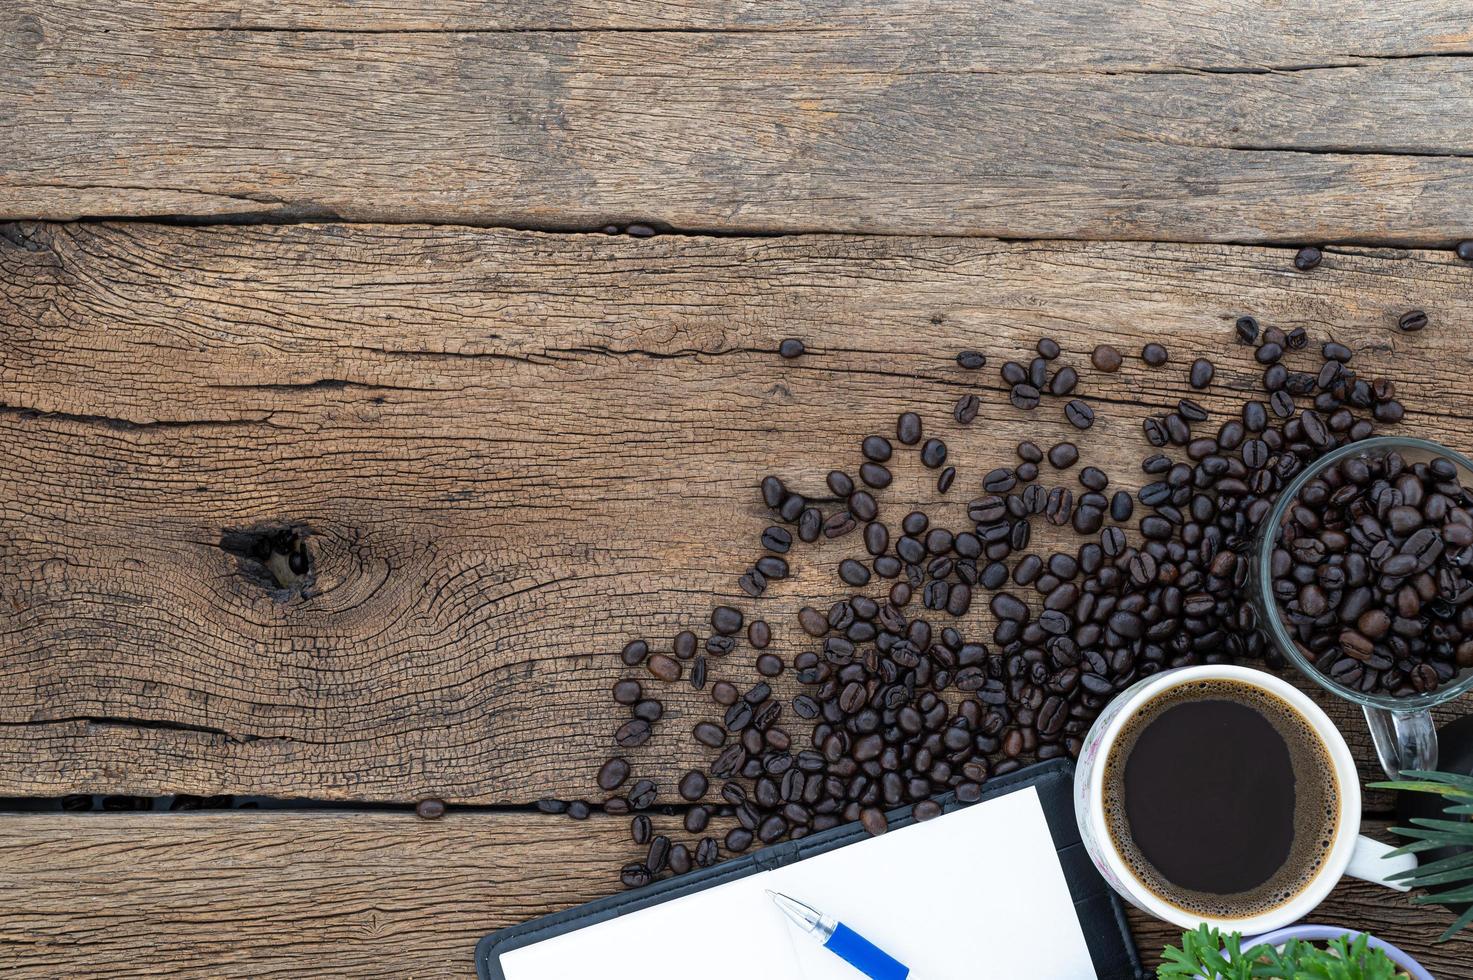 koffiemokken, koffiebonen en een platenboek foto